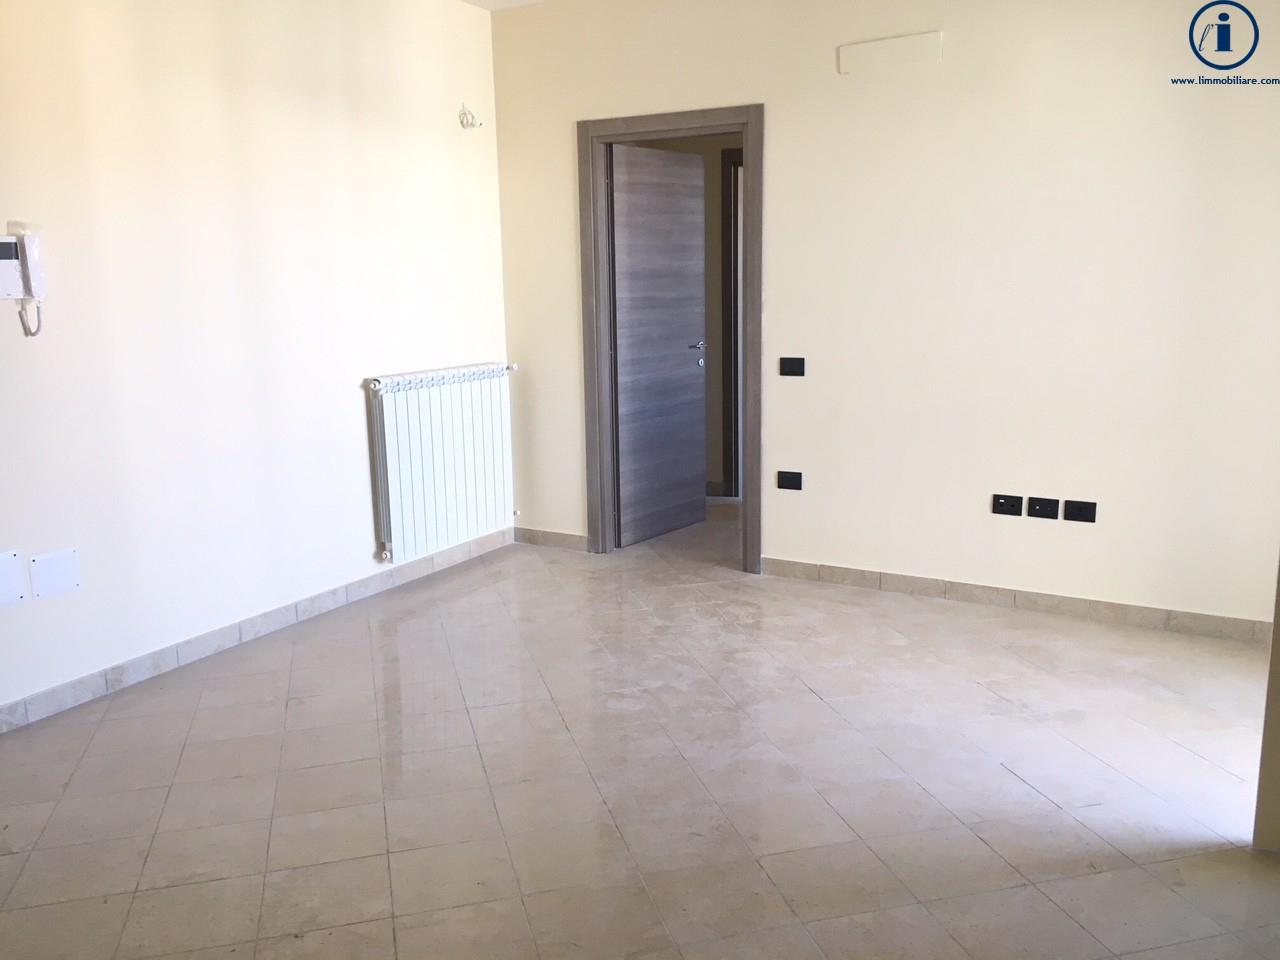 Appartamento in vendita a Caserta, 2 locali, zona Località: SanBenedetto, prezzo € 105.000 | CambioCasa.it